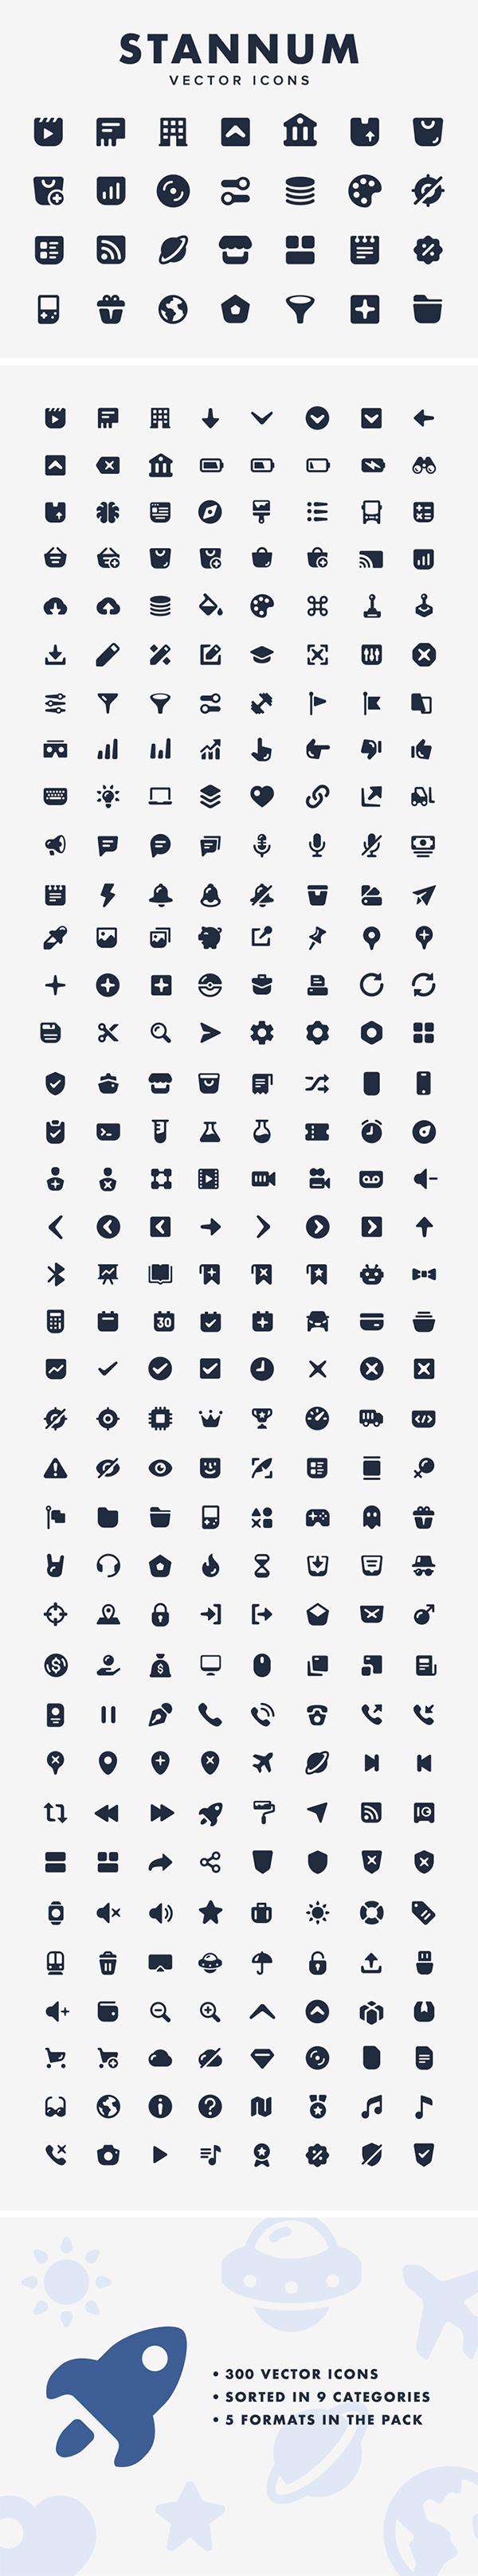 Free Stannum Vector Icons